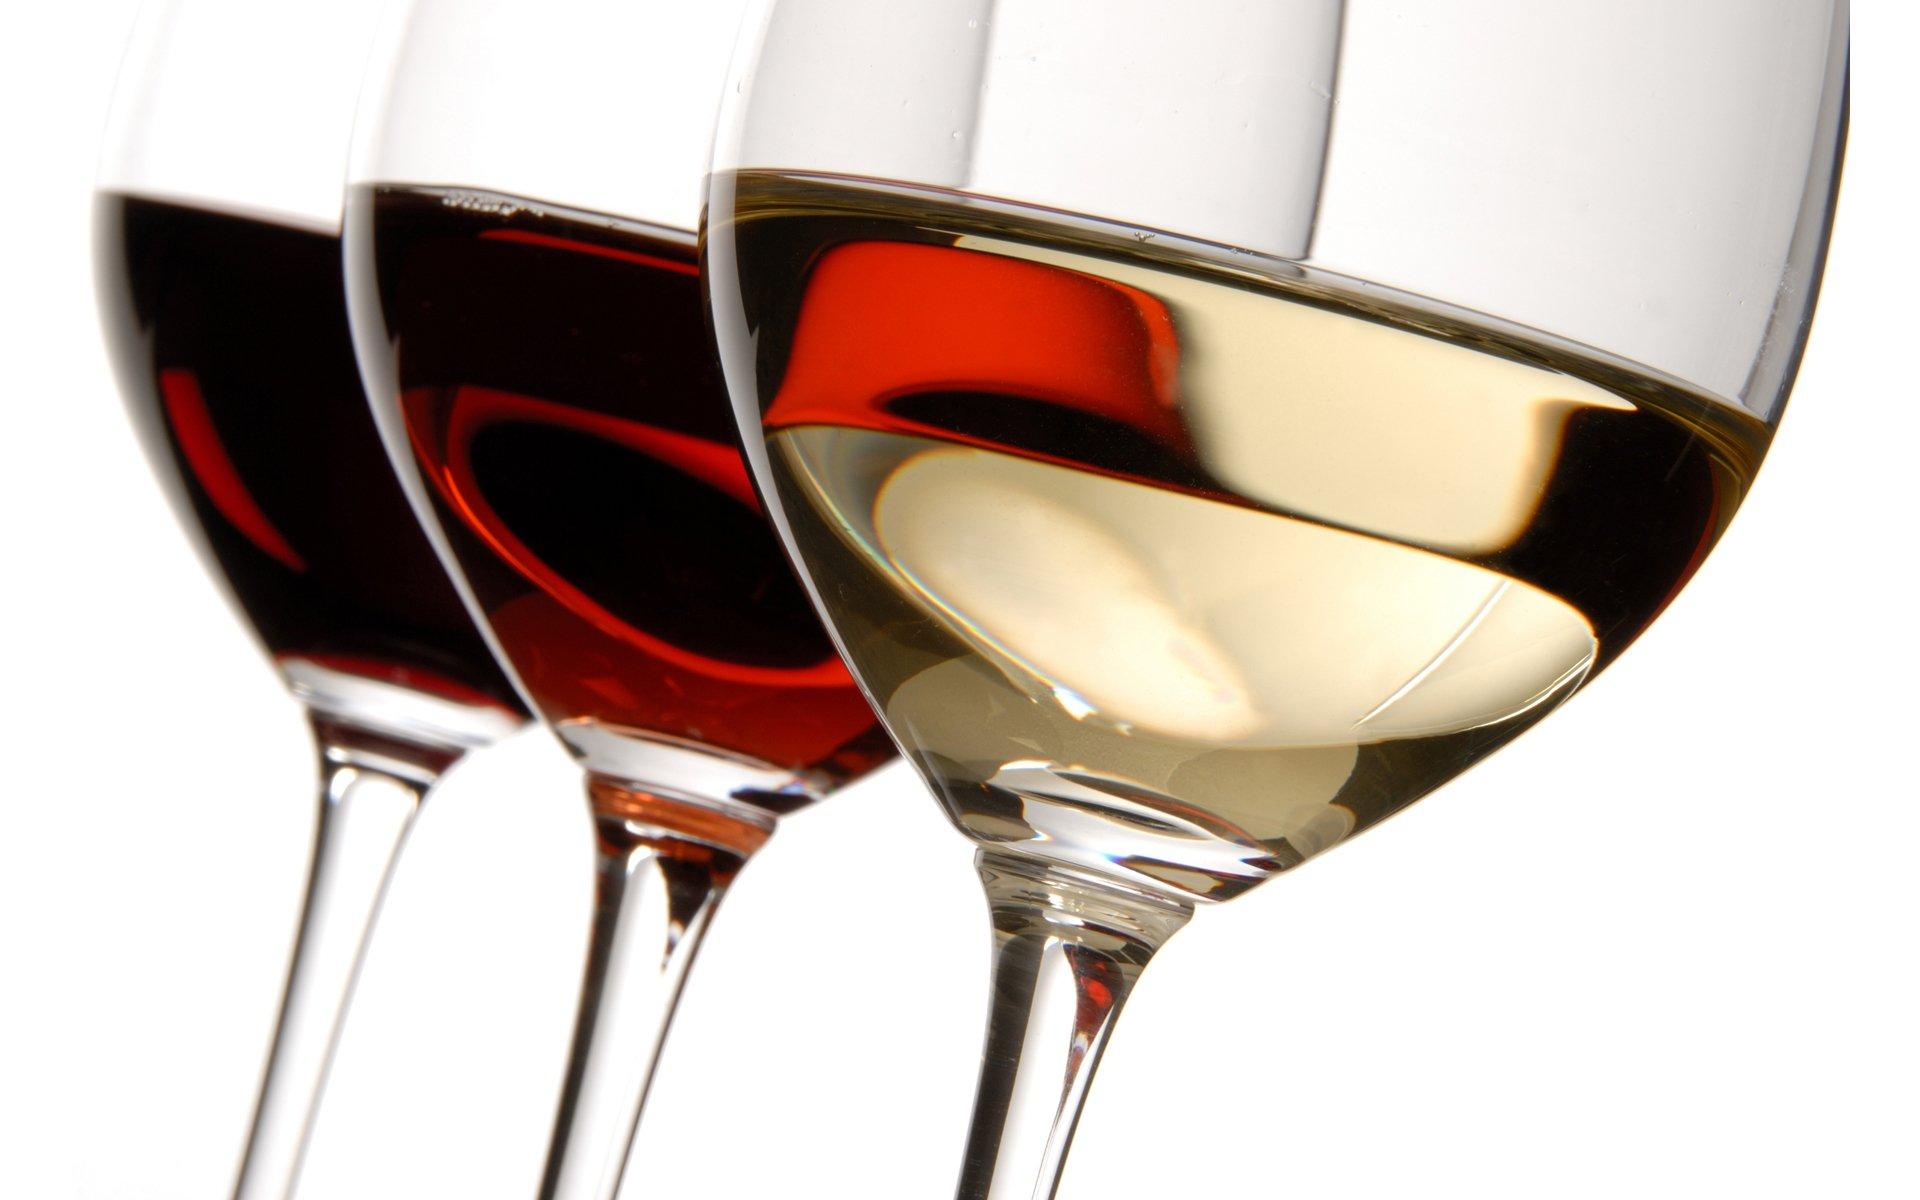 Ученые: Умеренный прием алкоголя снижает остановки сердца